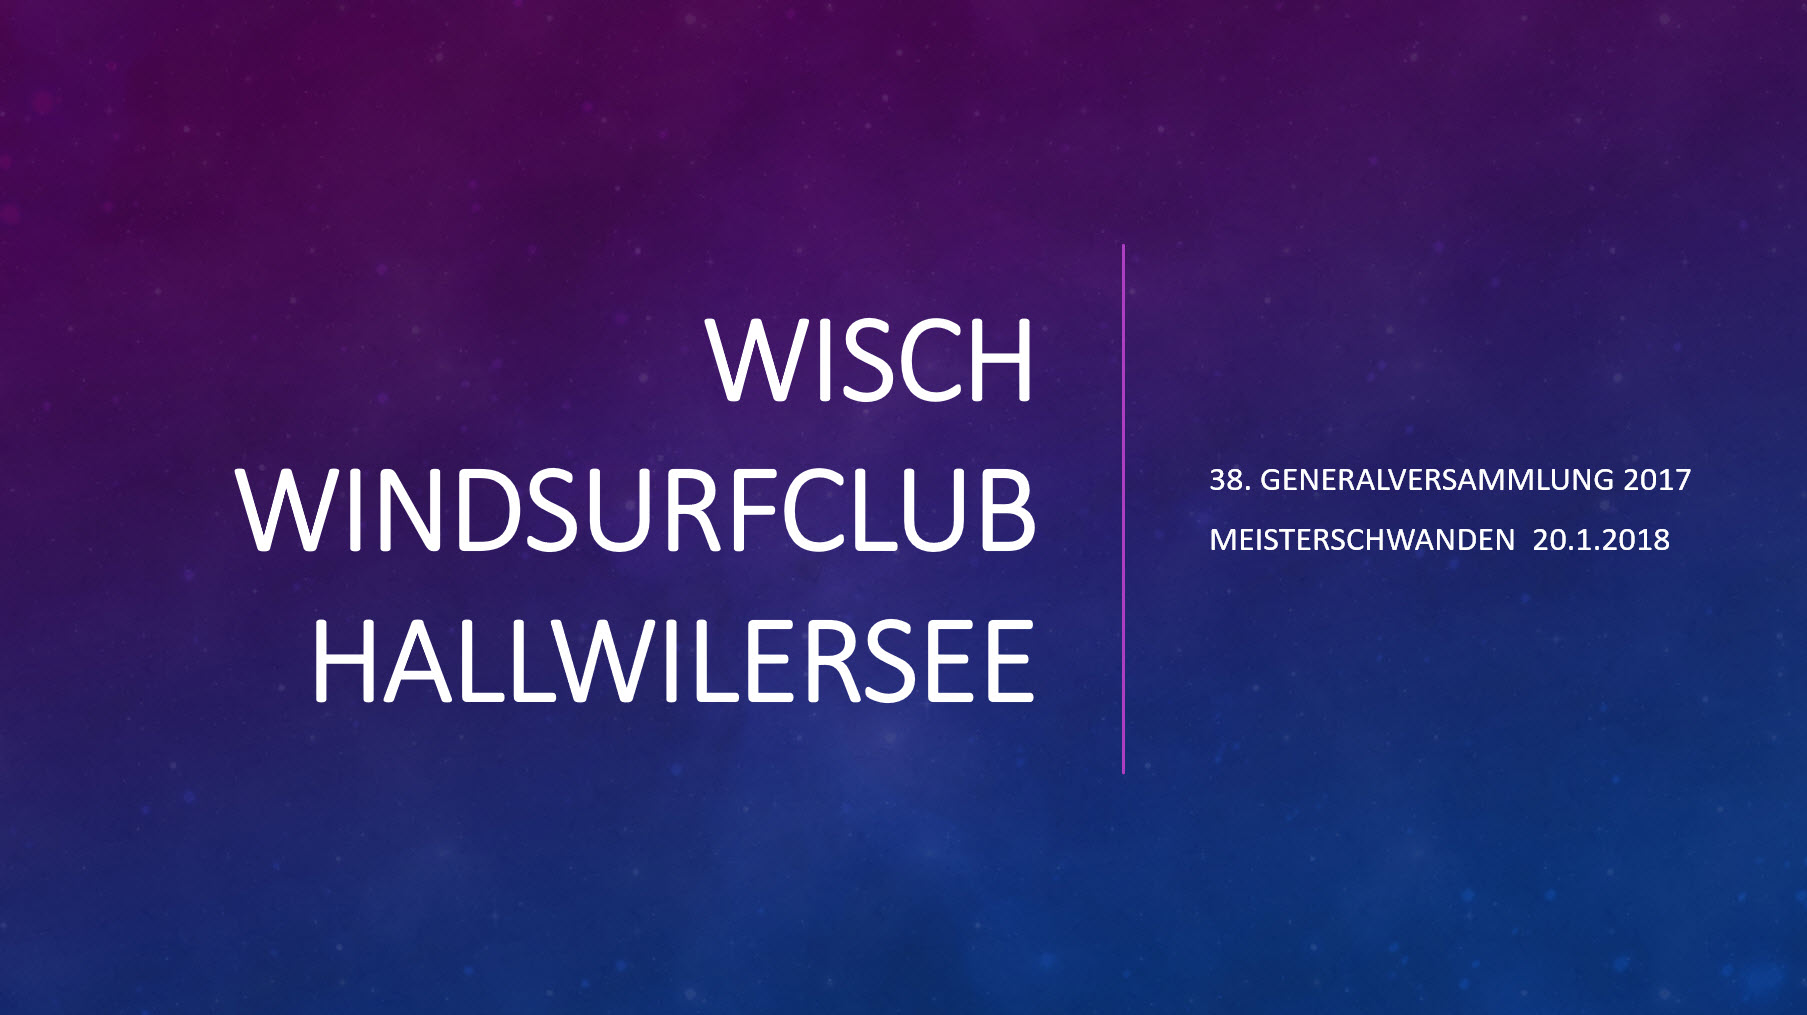 38. GV WISCH Windsurfclub Hallwilersee